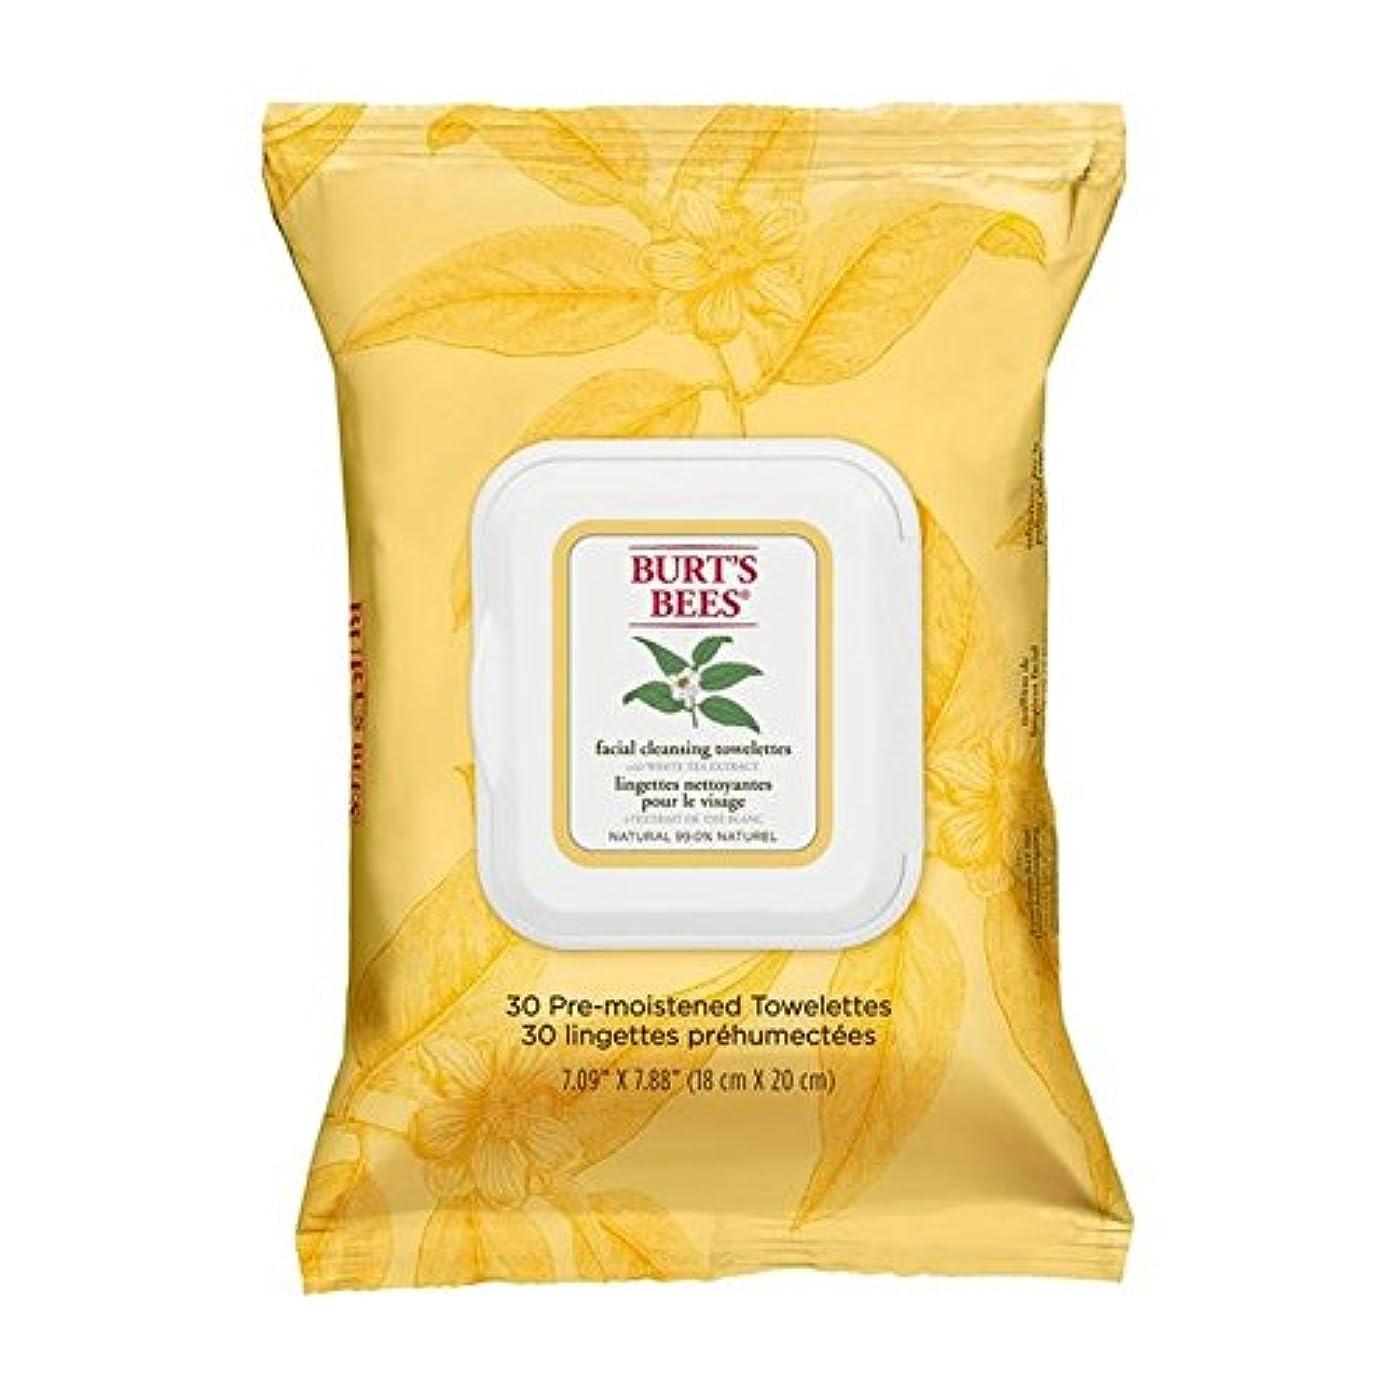 頼む復活ホバートホワイトティーエキスとバーツビー洗顔ペーパータオル x2 - Burt's Bees Facial Cleansing Towelettes with White Tea Extract (Pack of 2) [並行輸入品]